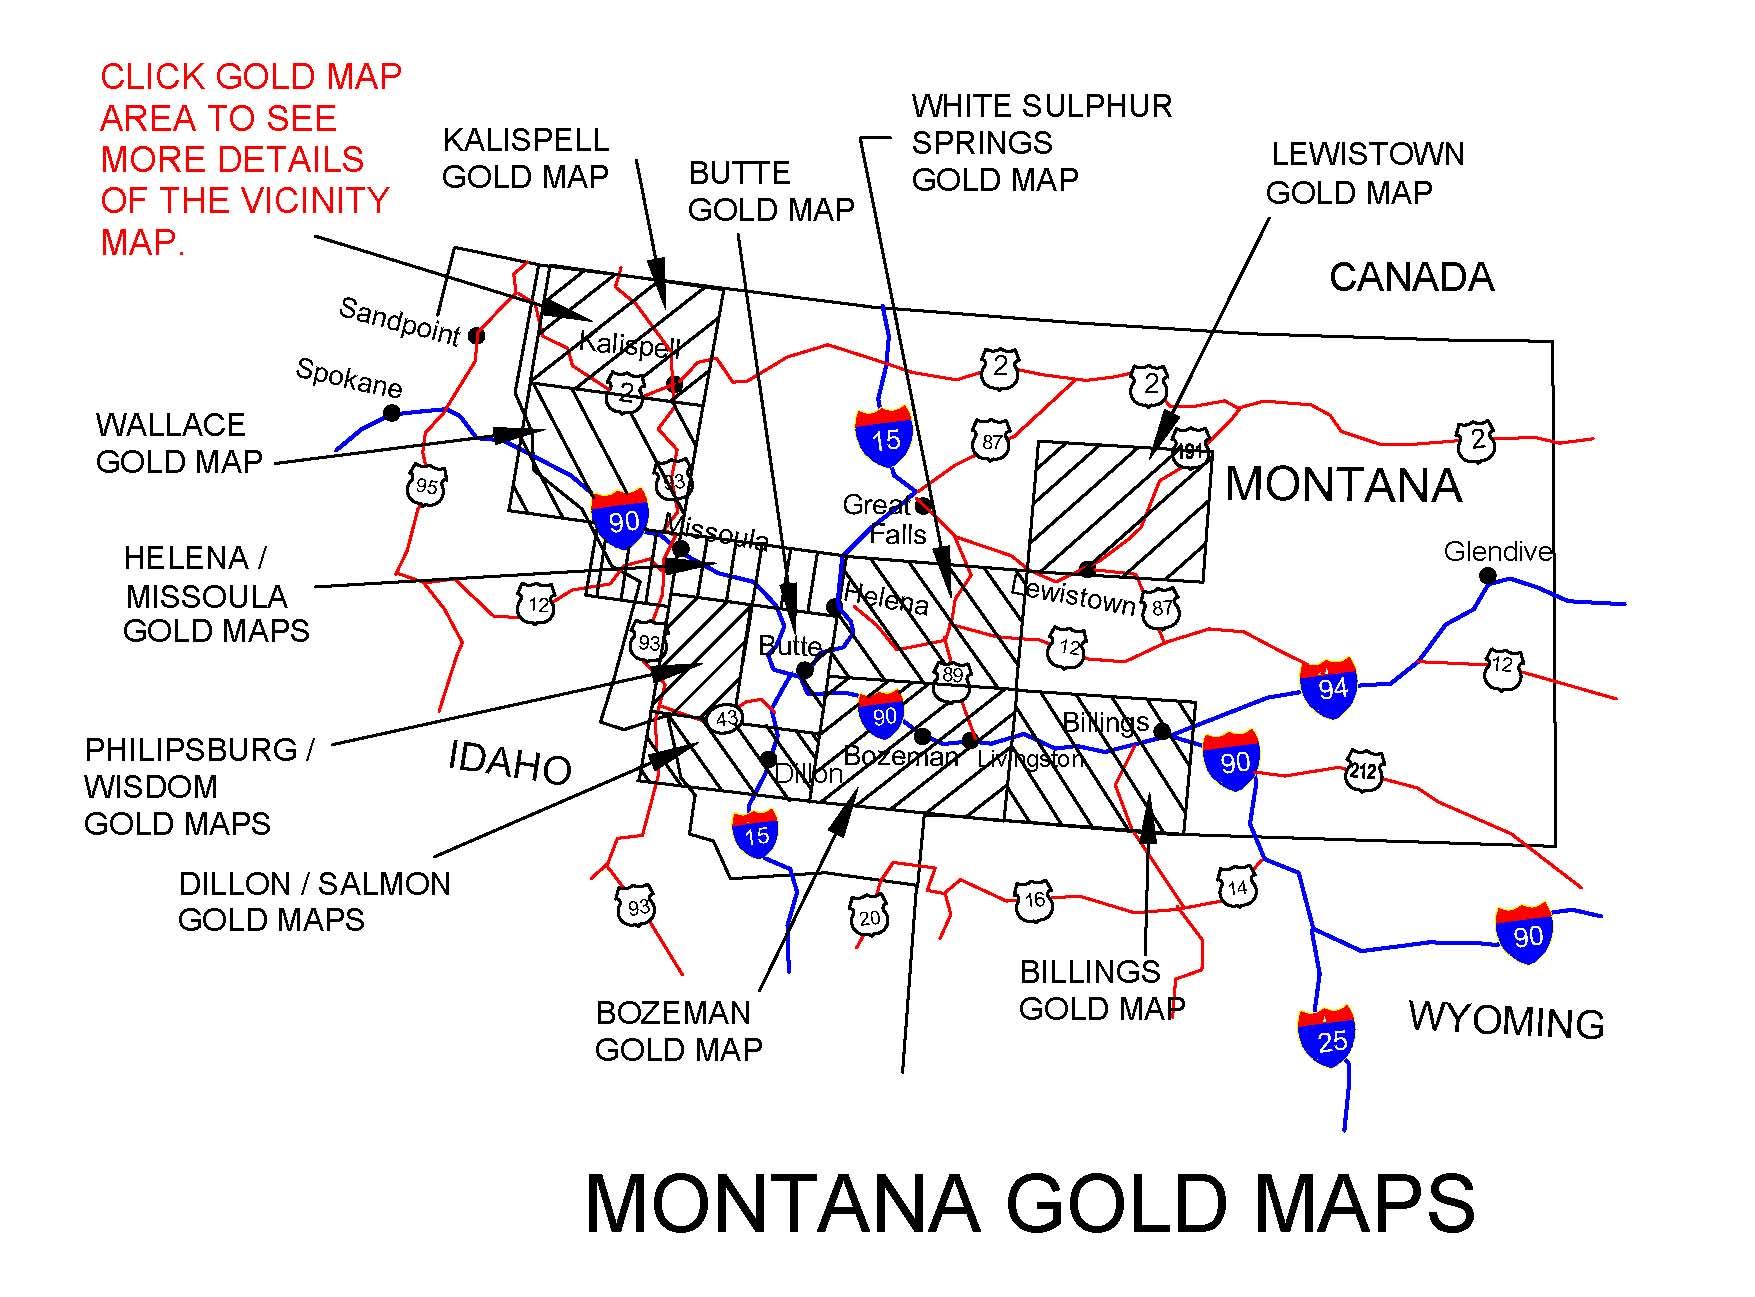 MONTANA GOLD MAPS, MONTANA GOLD PANNING, MONTANA GOLD